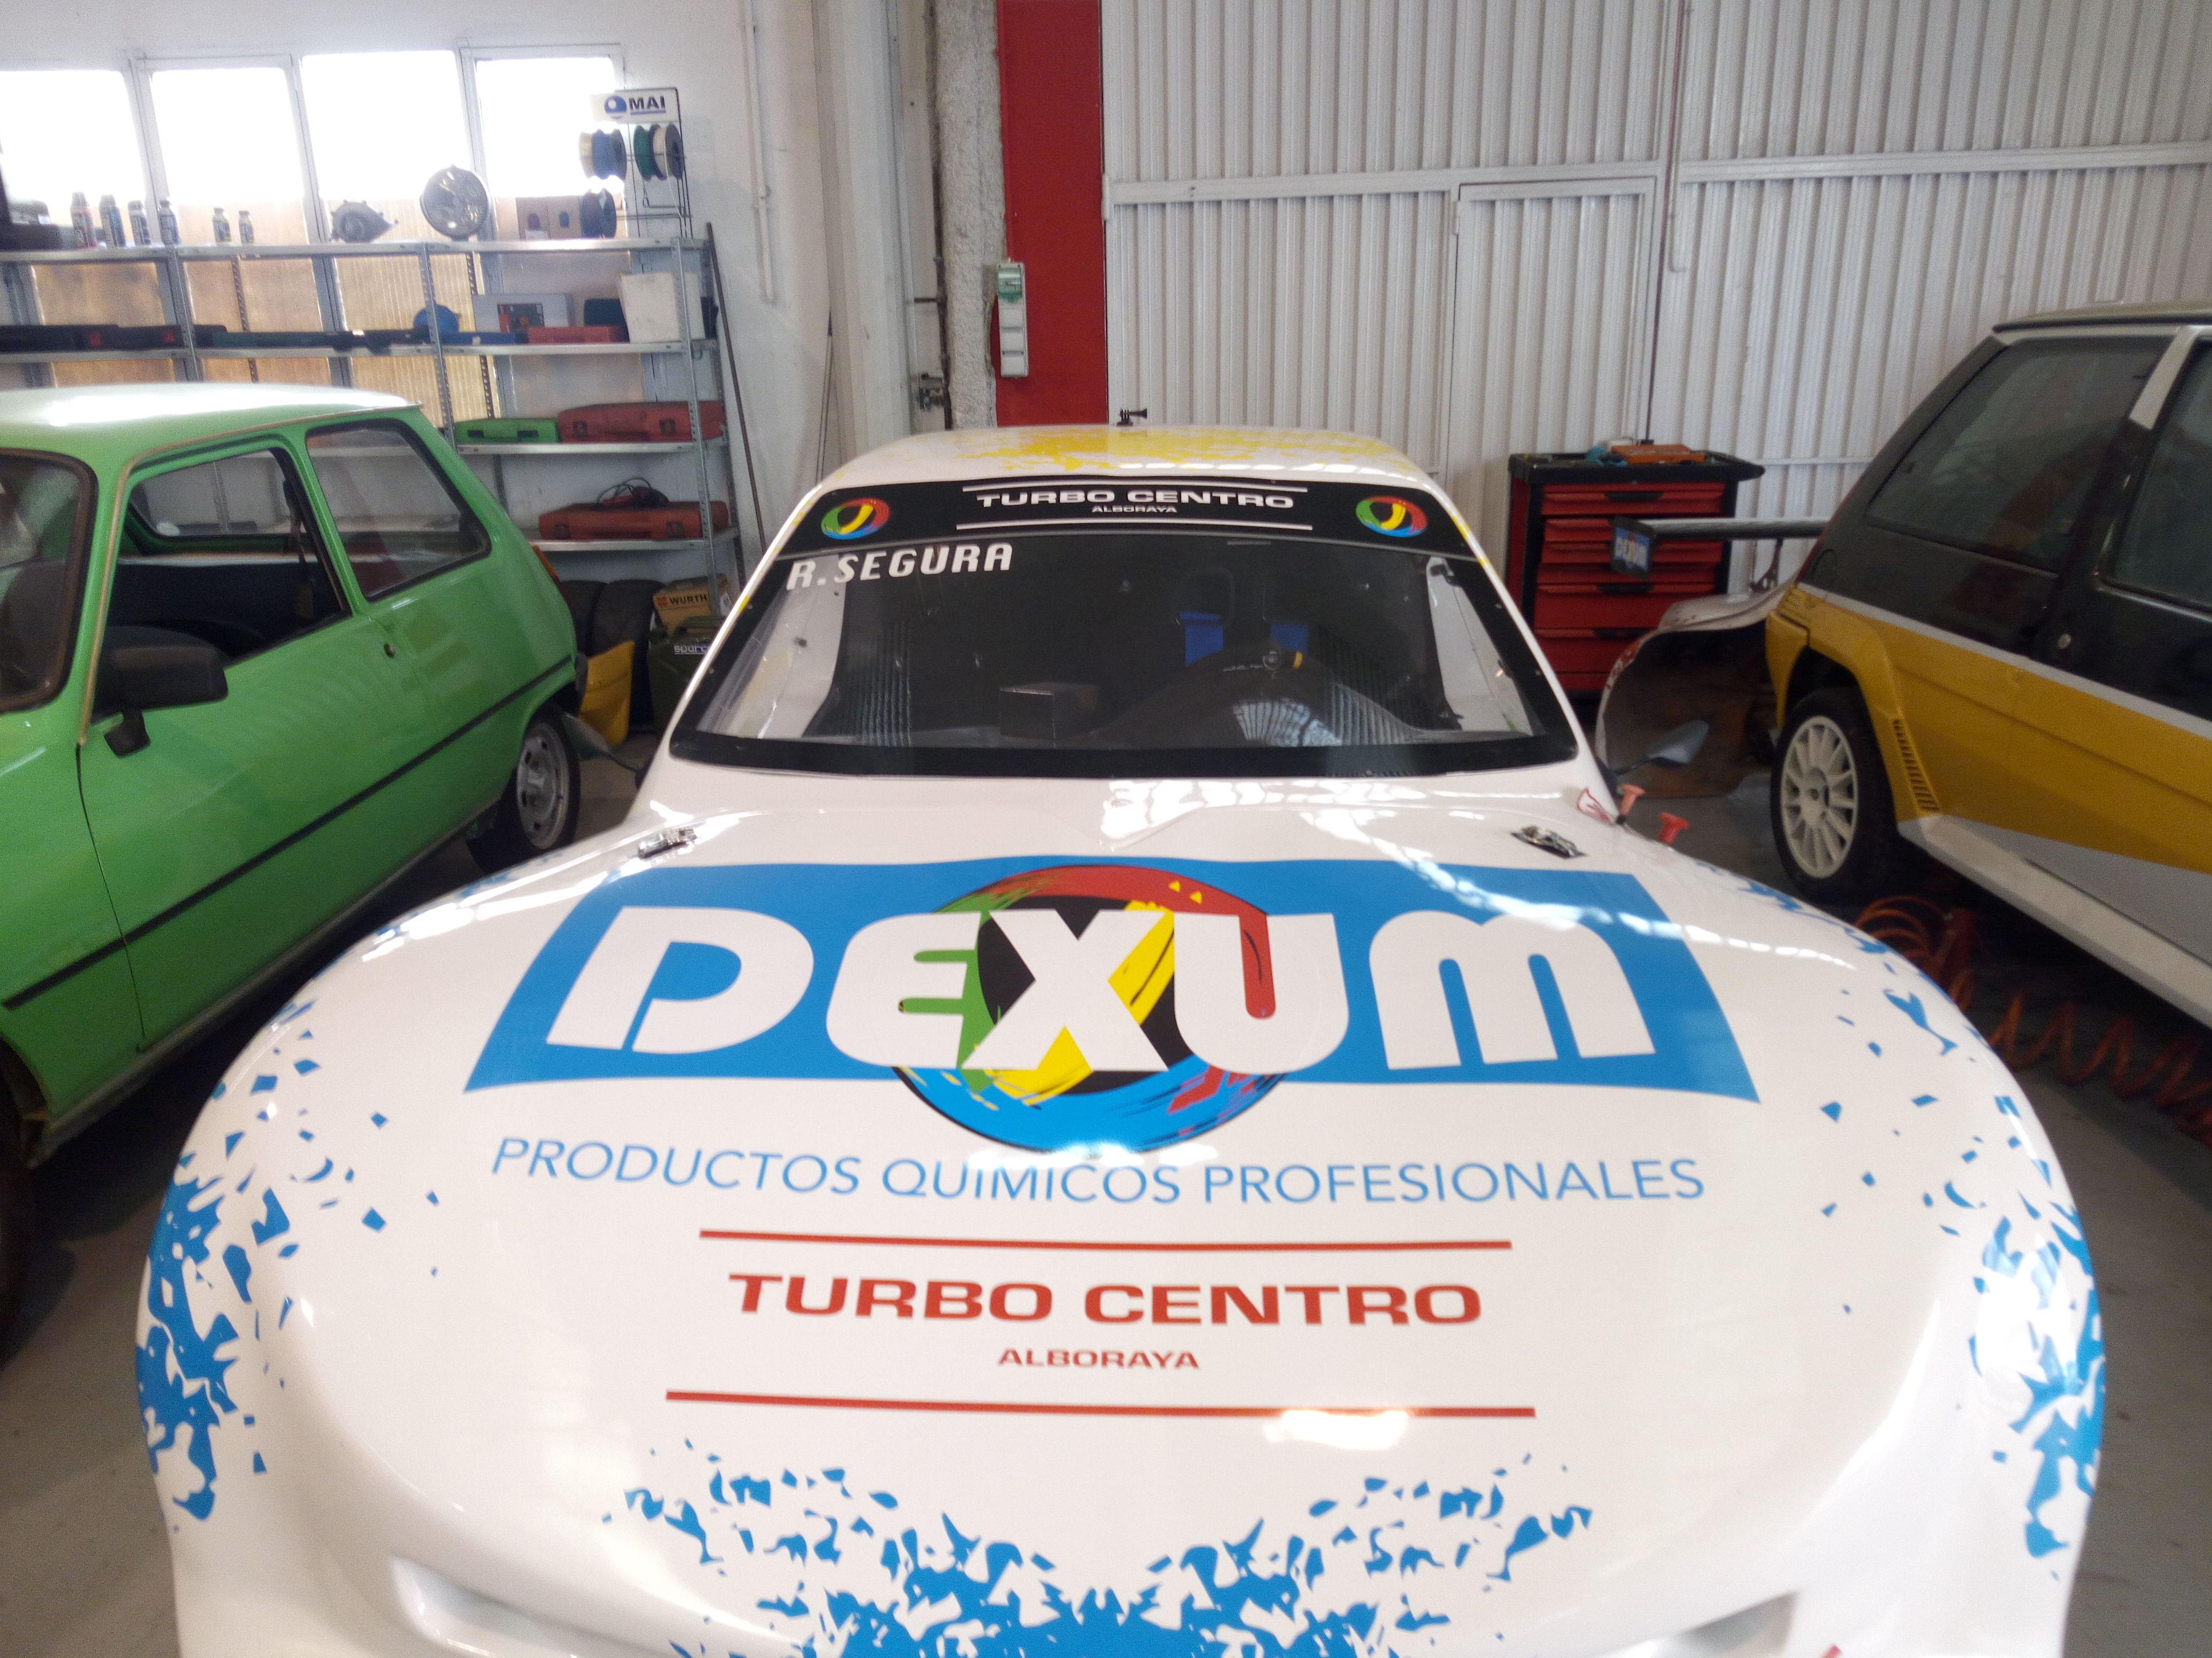 Mecánica rápida y neumáticos a los mejores precios en Alboraya